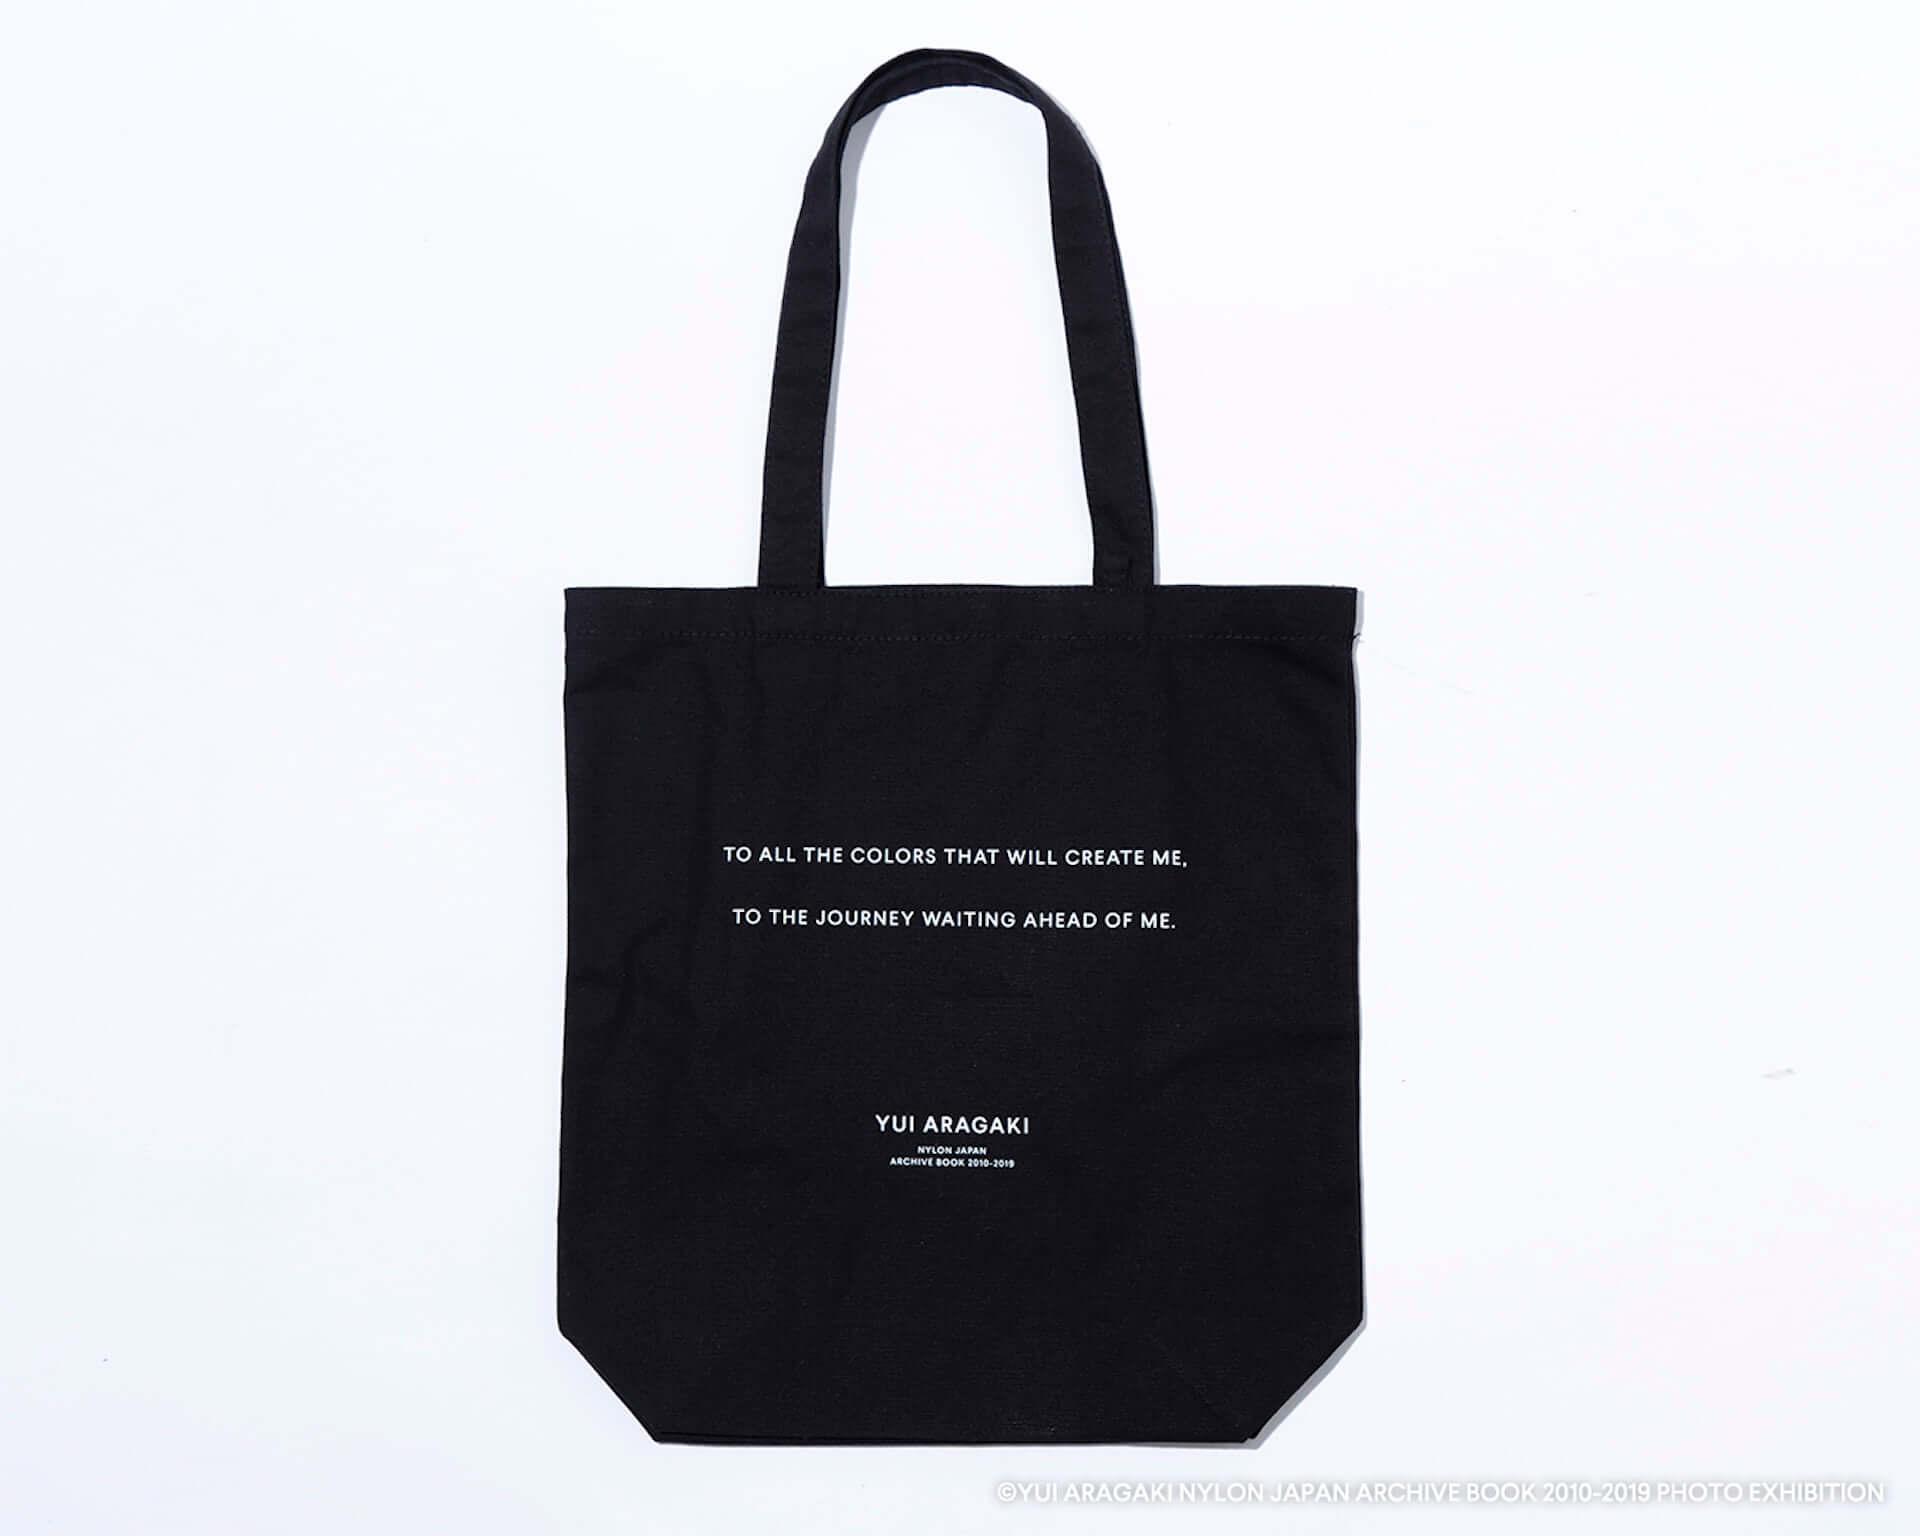 渋谷PARCOで大好評だった新垣結衣初の写真展が梅田ロフトでも開催決定!記念Tシャツ、トートバッグ、ポストカードも登場 art200803_yuiaragaki_12-1920x1536